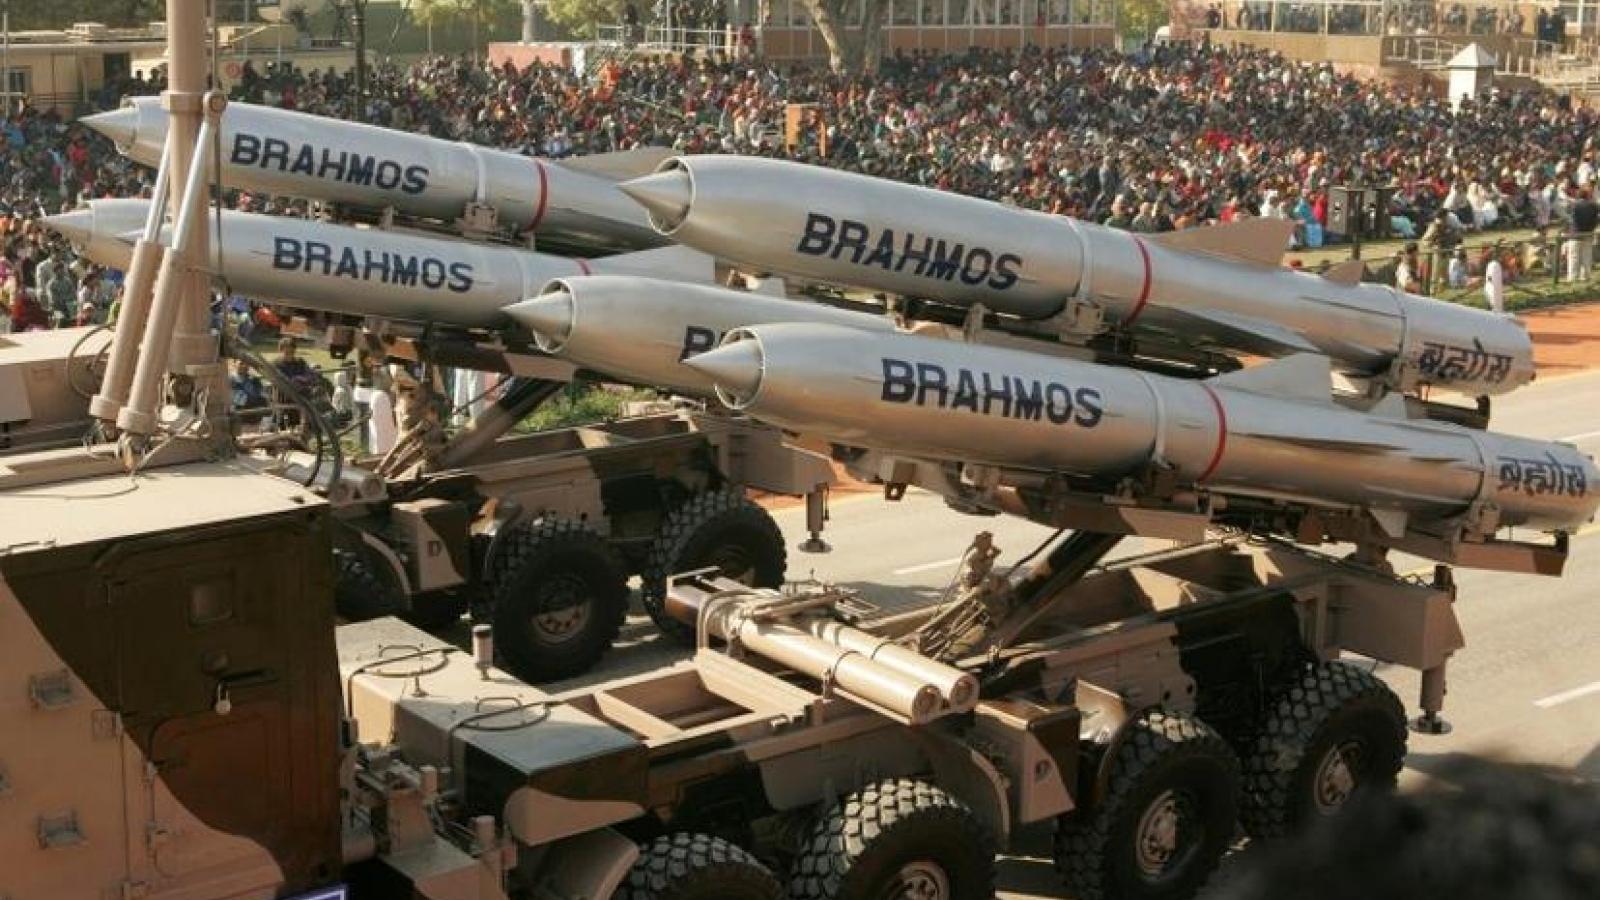 Ấn Độ thử thành công tên lửa hành trình siêu thanh BrahMos phiên bản chống tàu